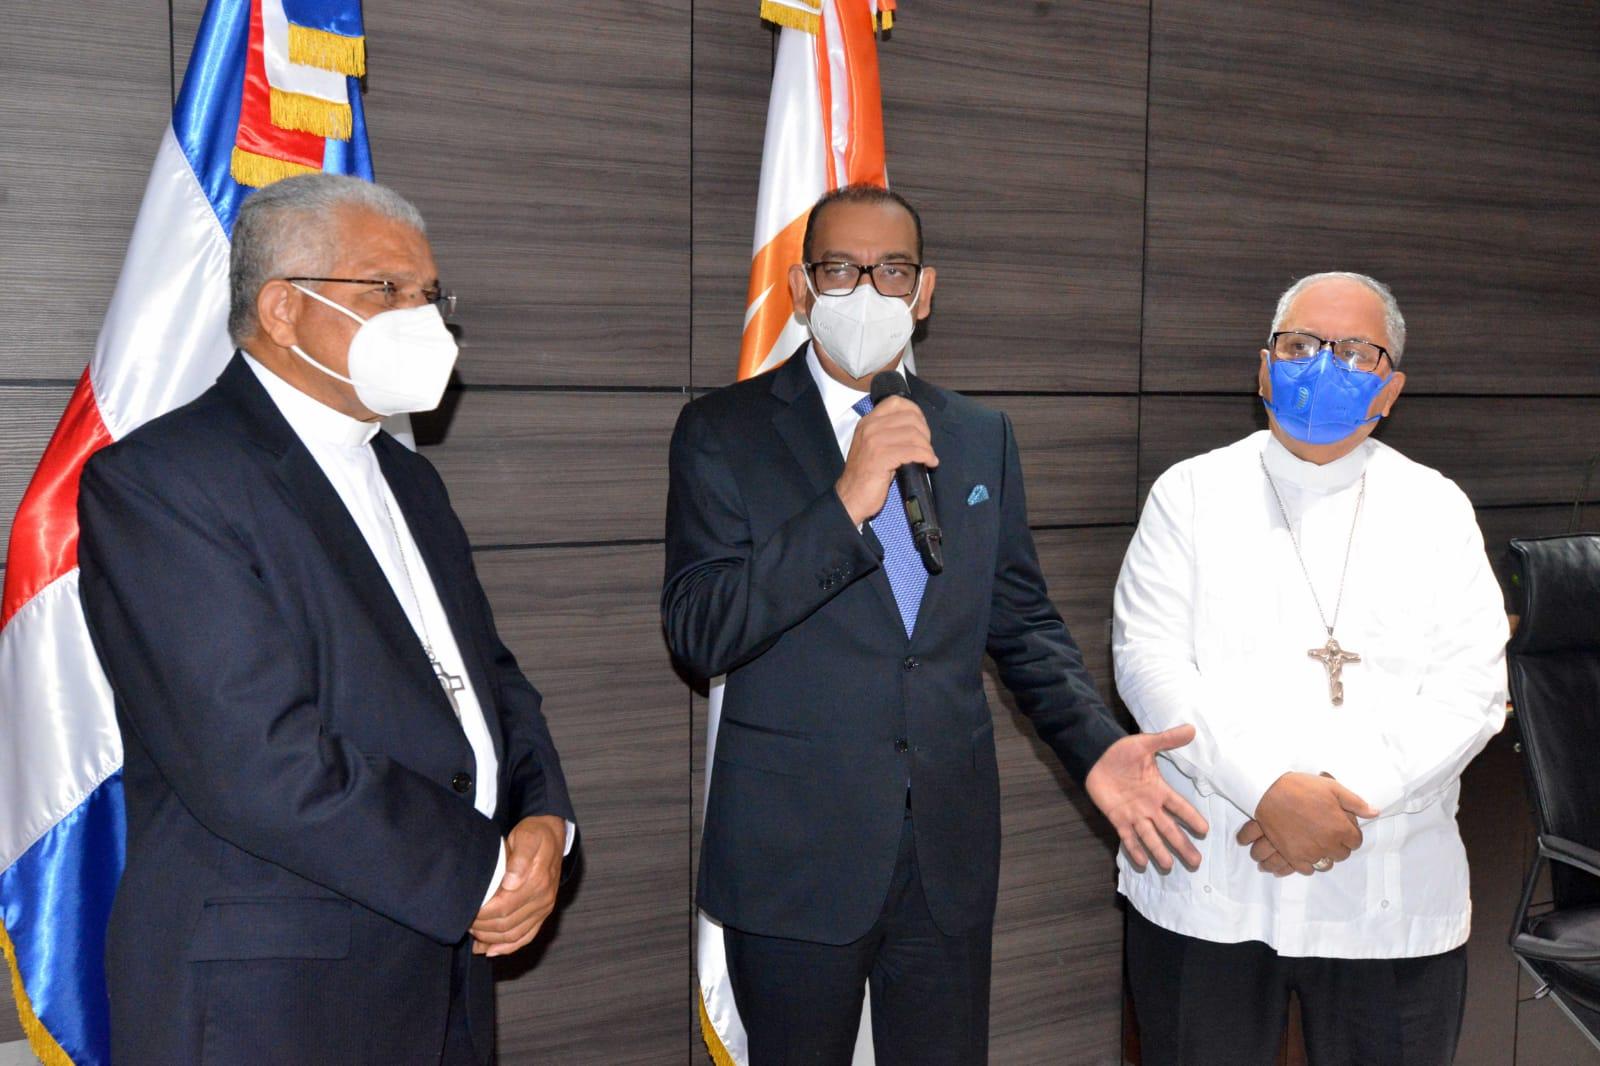 Arzobispo Ozoria y Obispo Benito Ángeles visitan al ministro de Obras Públicas